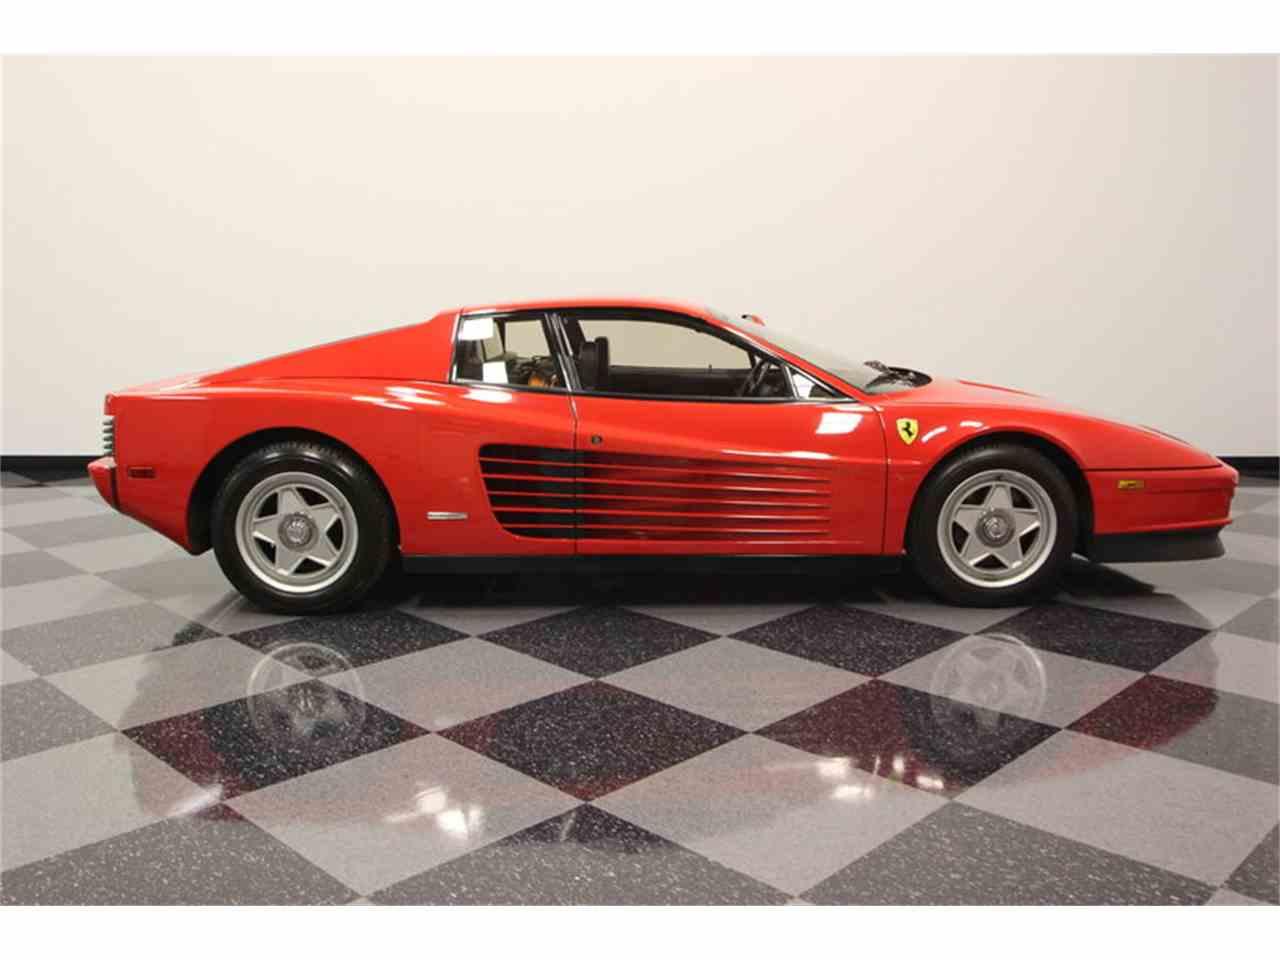 Large Picture of '86 Ferrari Testarossa located in Lutz Florida - $159,995.00 - FNNC